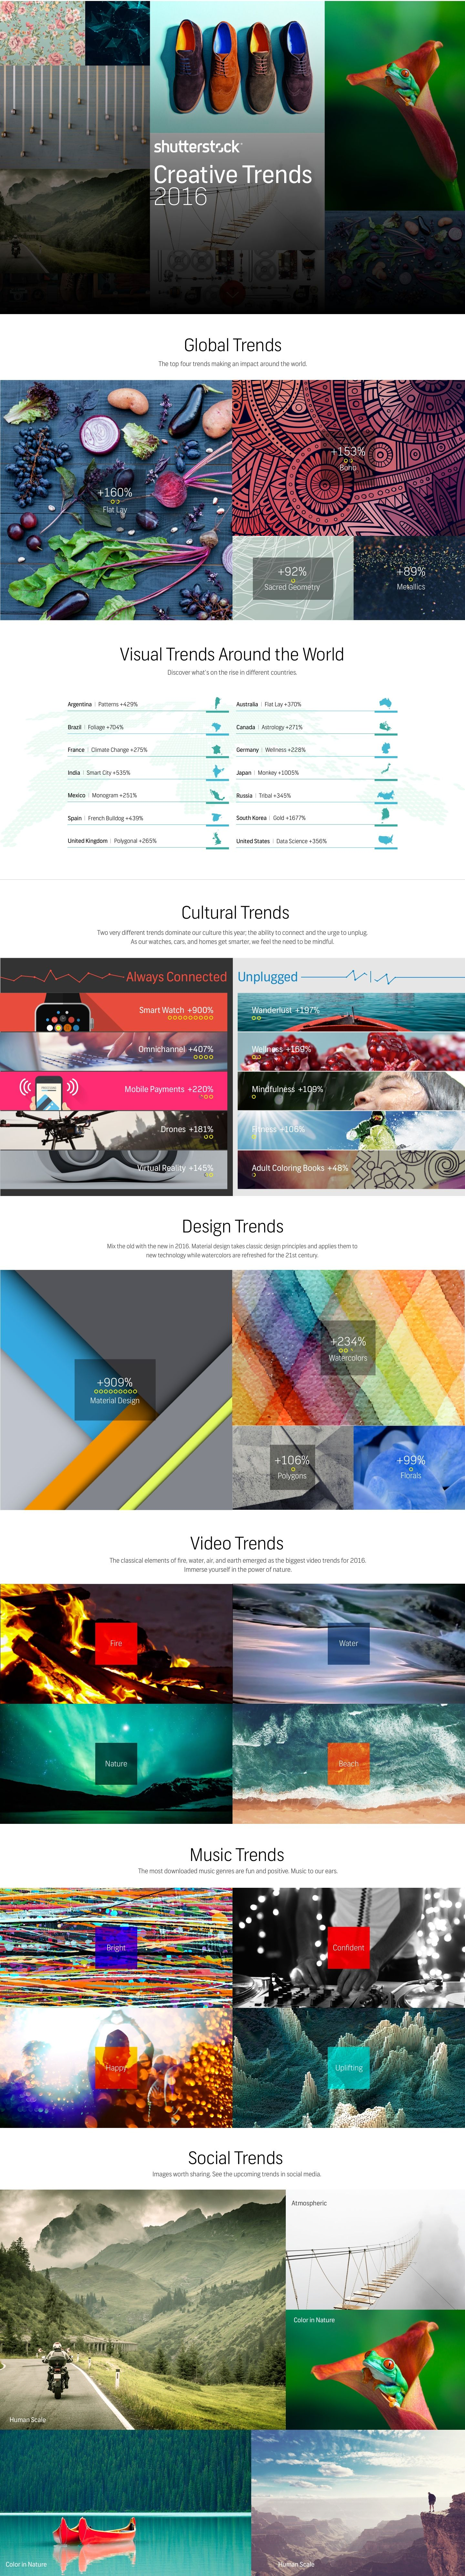 Shutterstock's 2016 Creative Trends